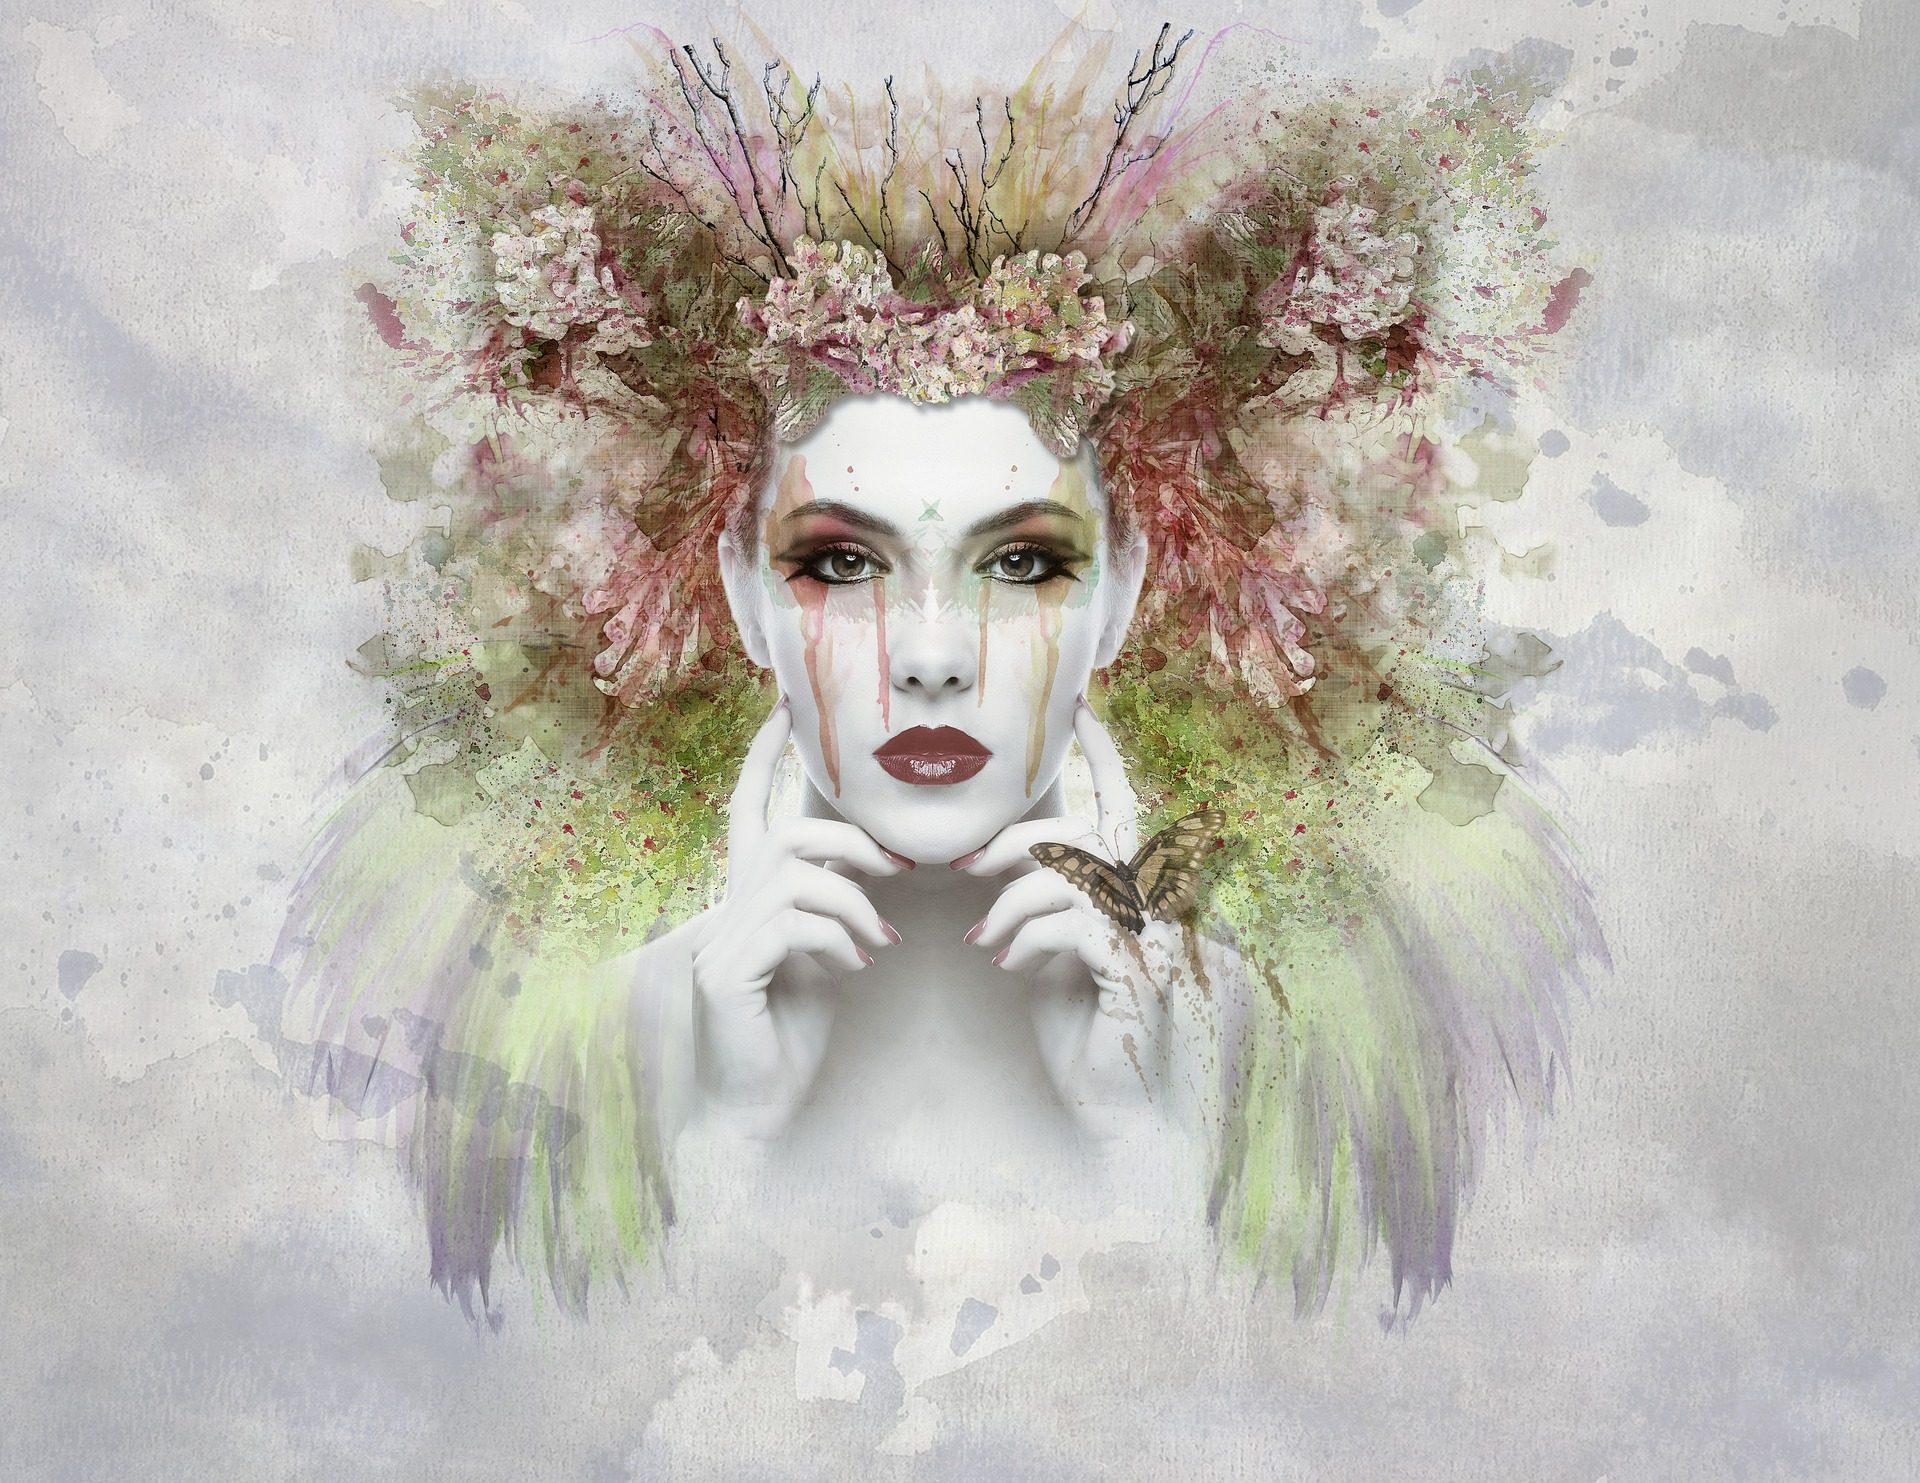 cara, mulher, maquiagem, fantasia, pintura, arte - Papéis de parede HD - Professor-falken.com